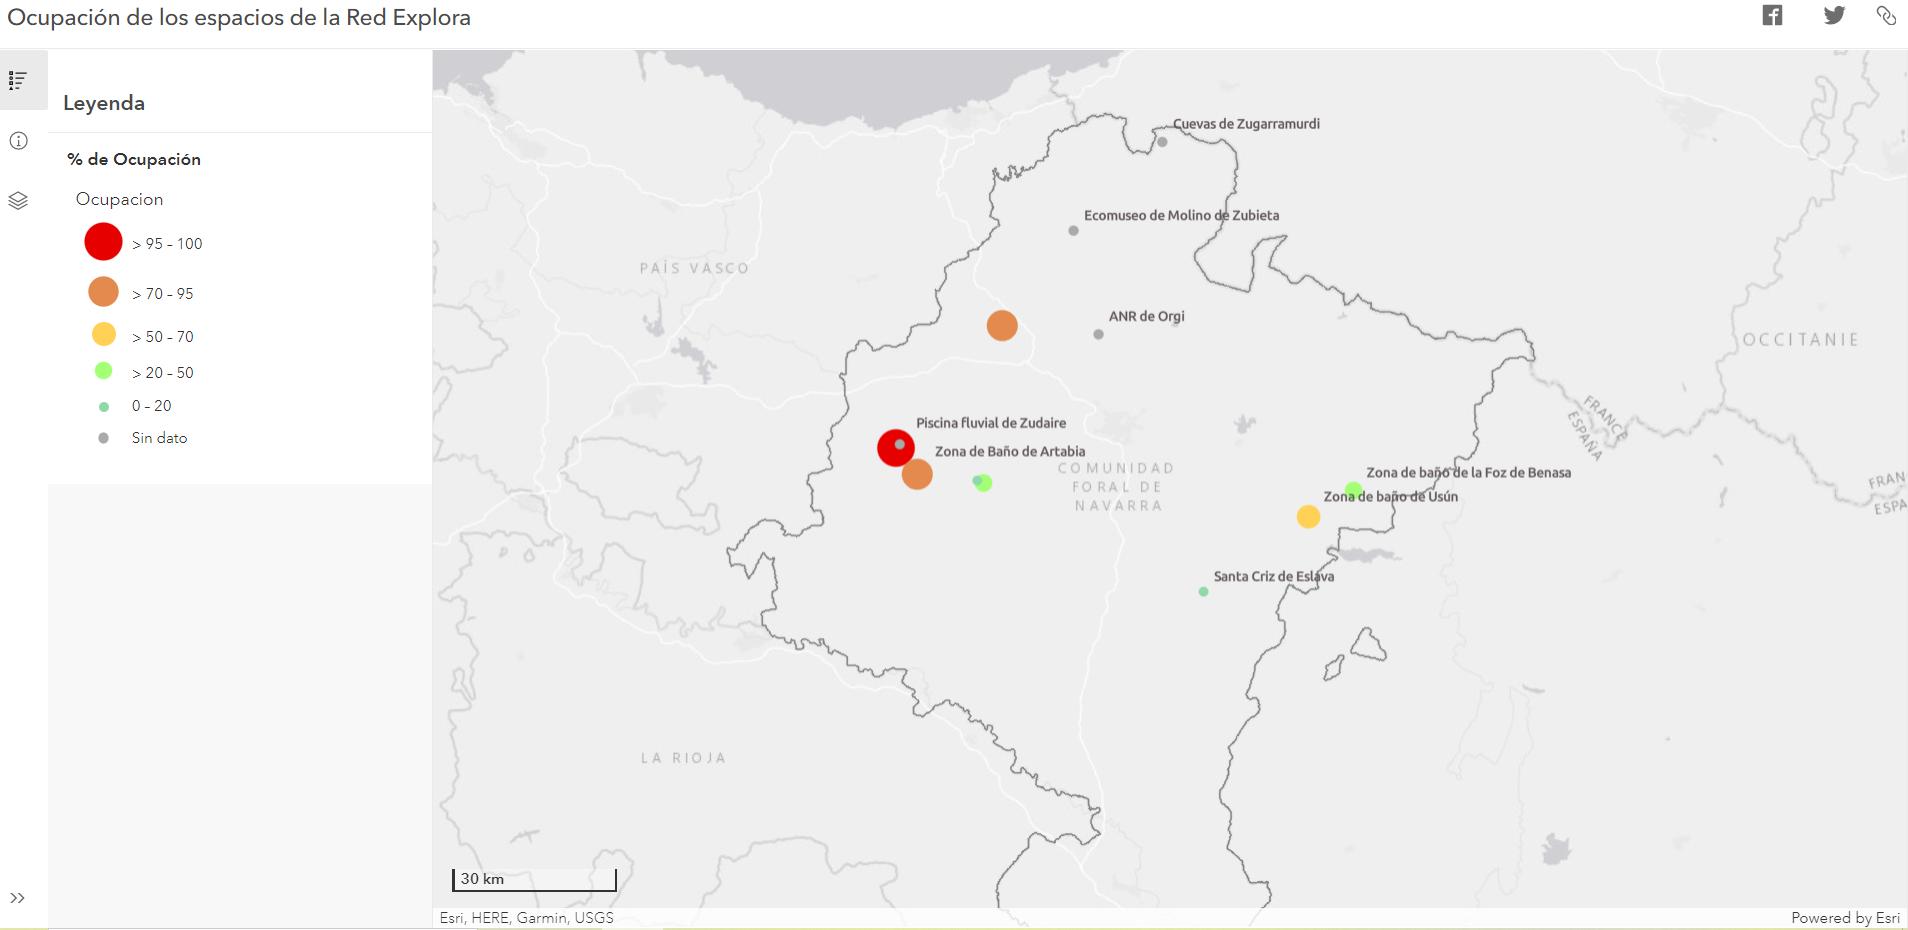 MAPA de OCUPACIÓN de ESPACIOS de la RED EXPLORA NAVARRA